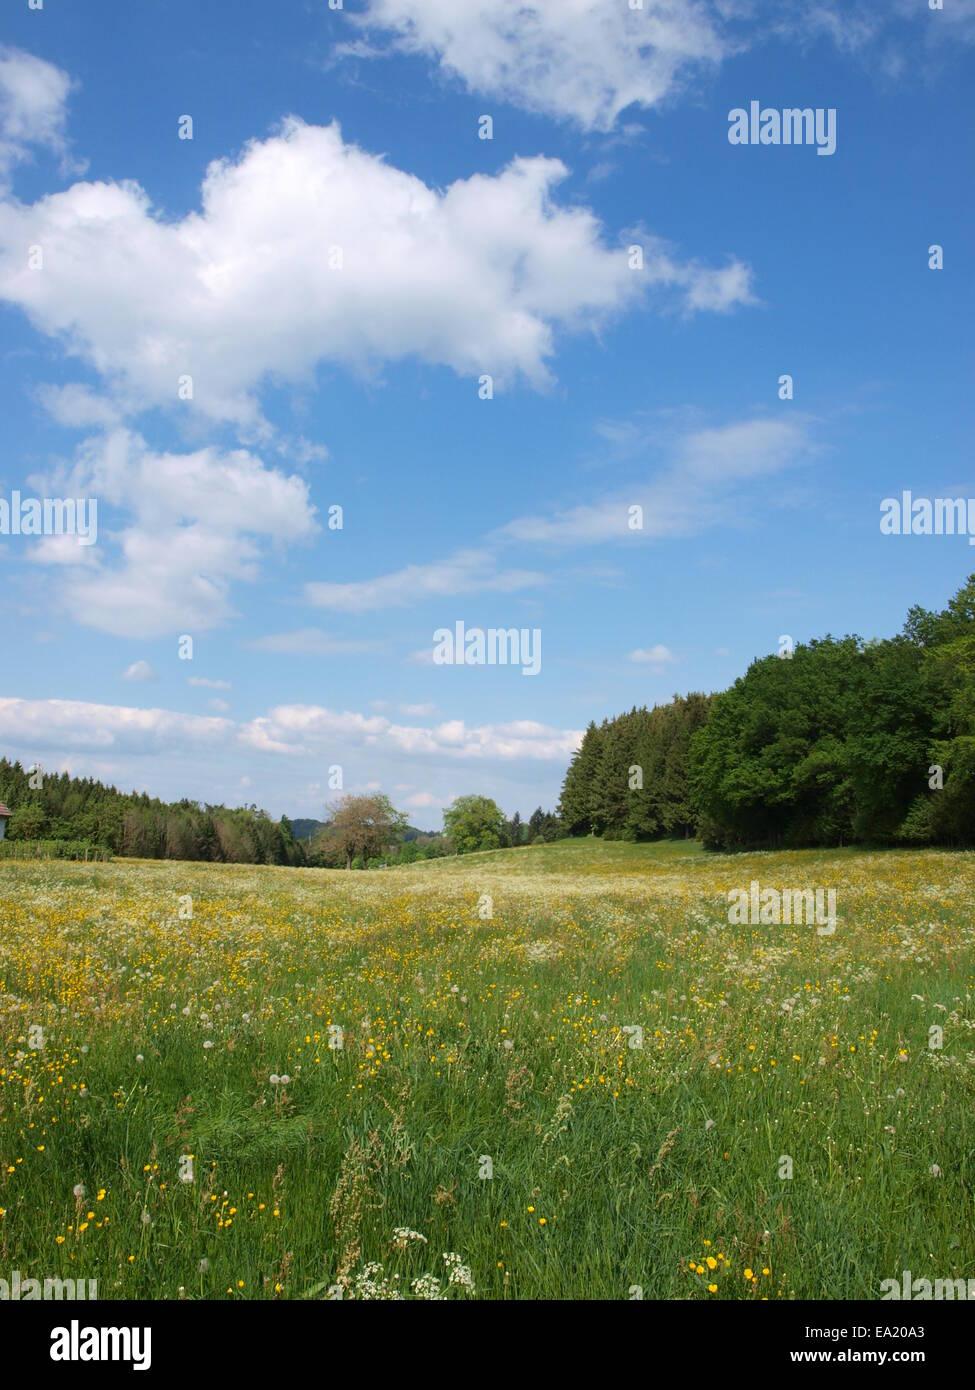 Flower Meadow - Upper Swabia, Germany Stock Photo